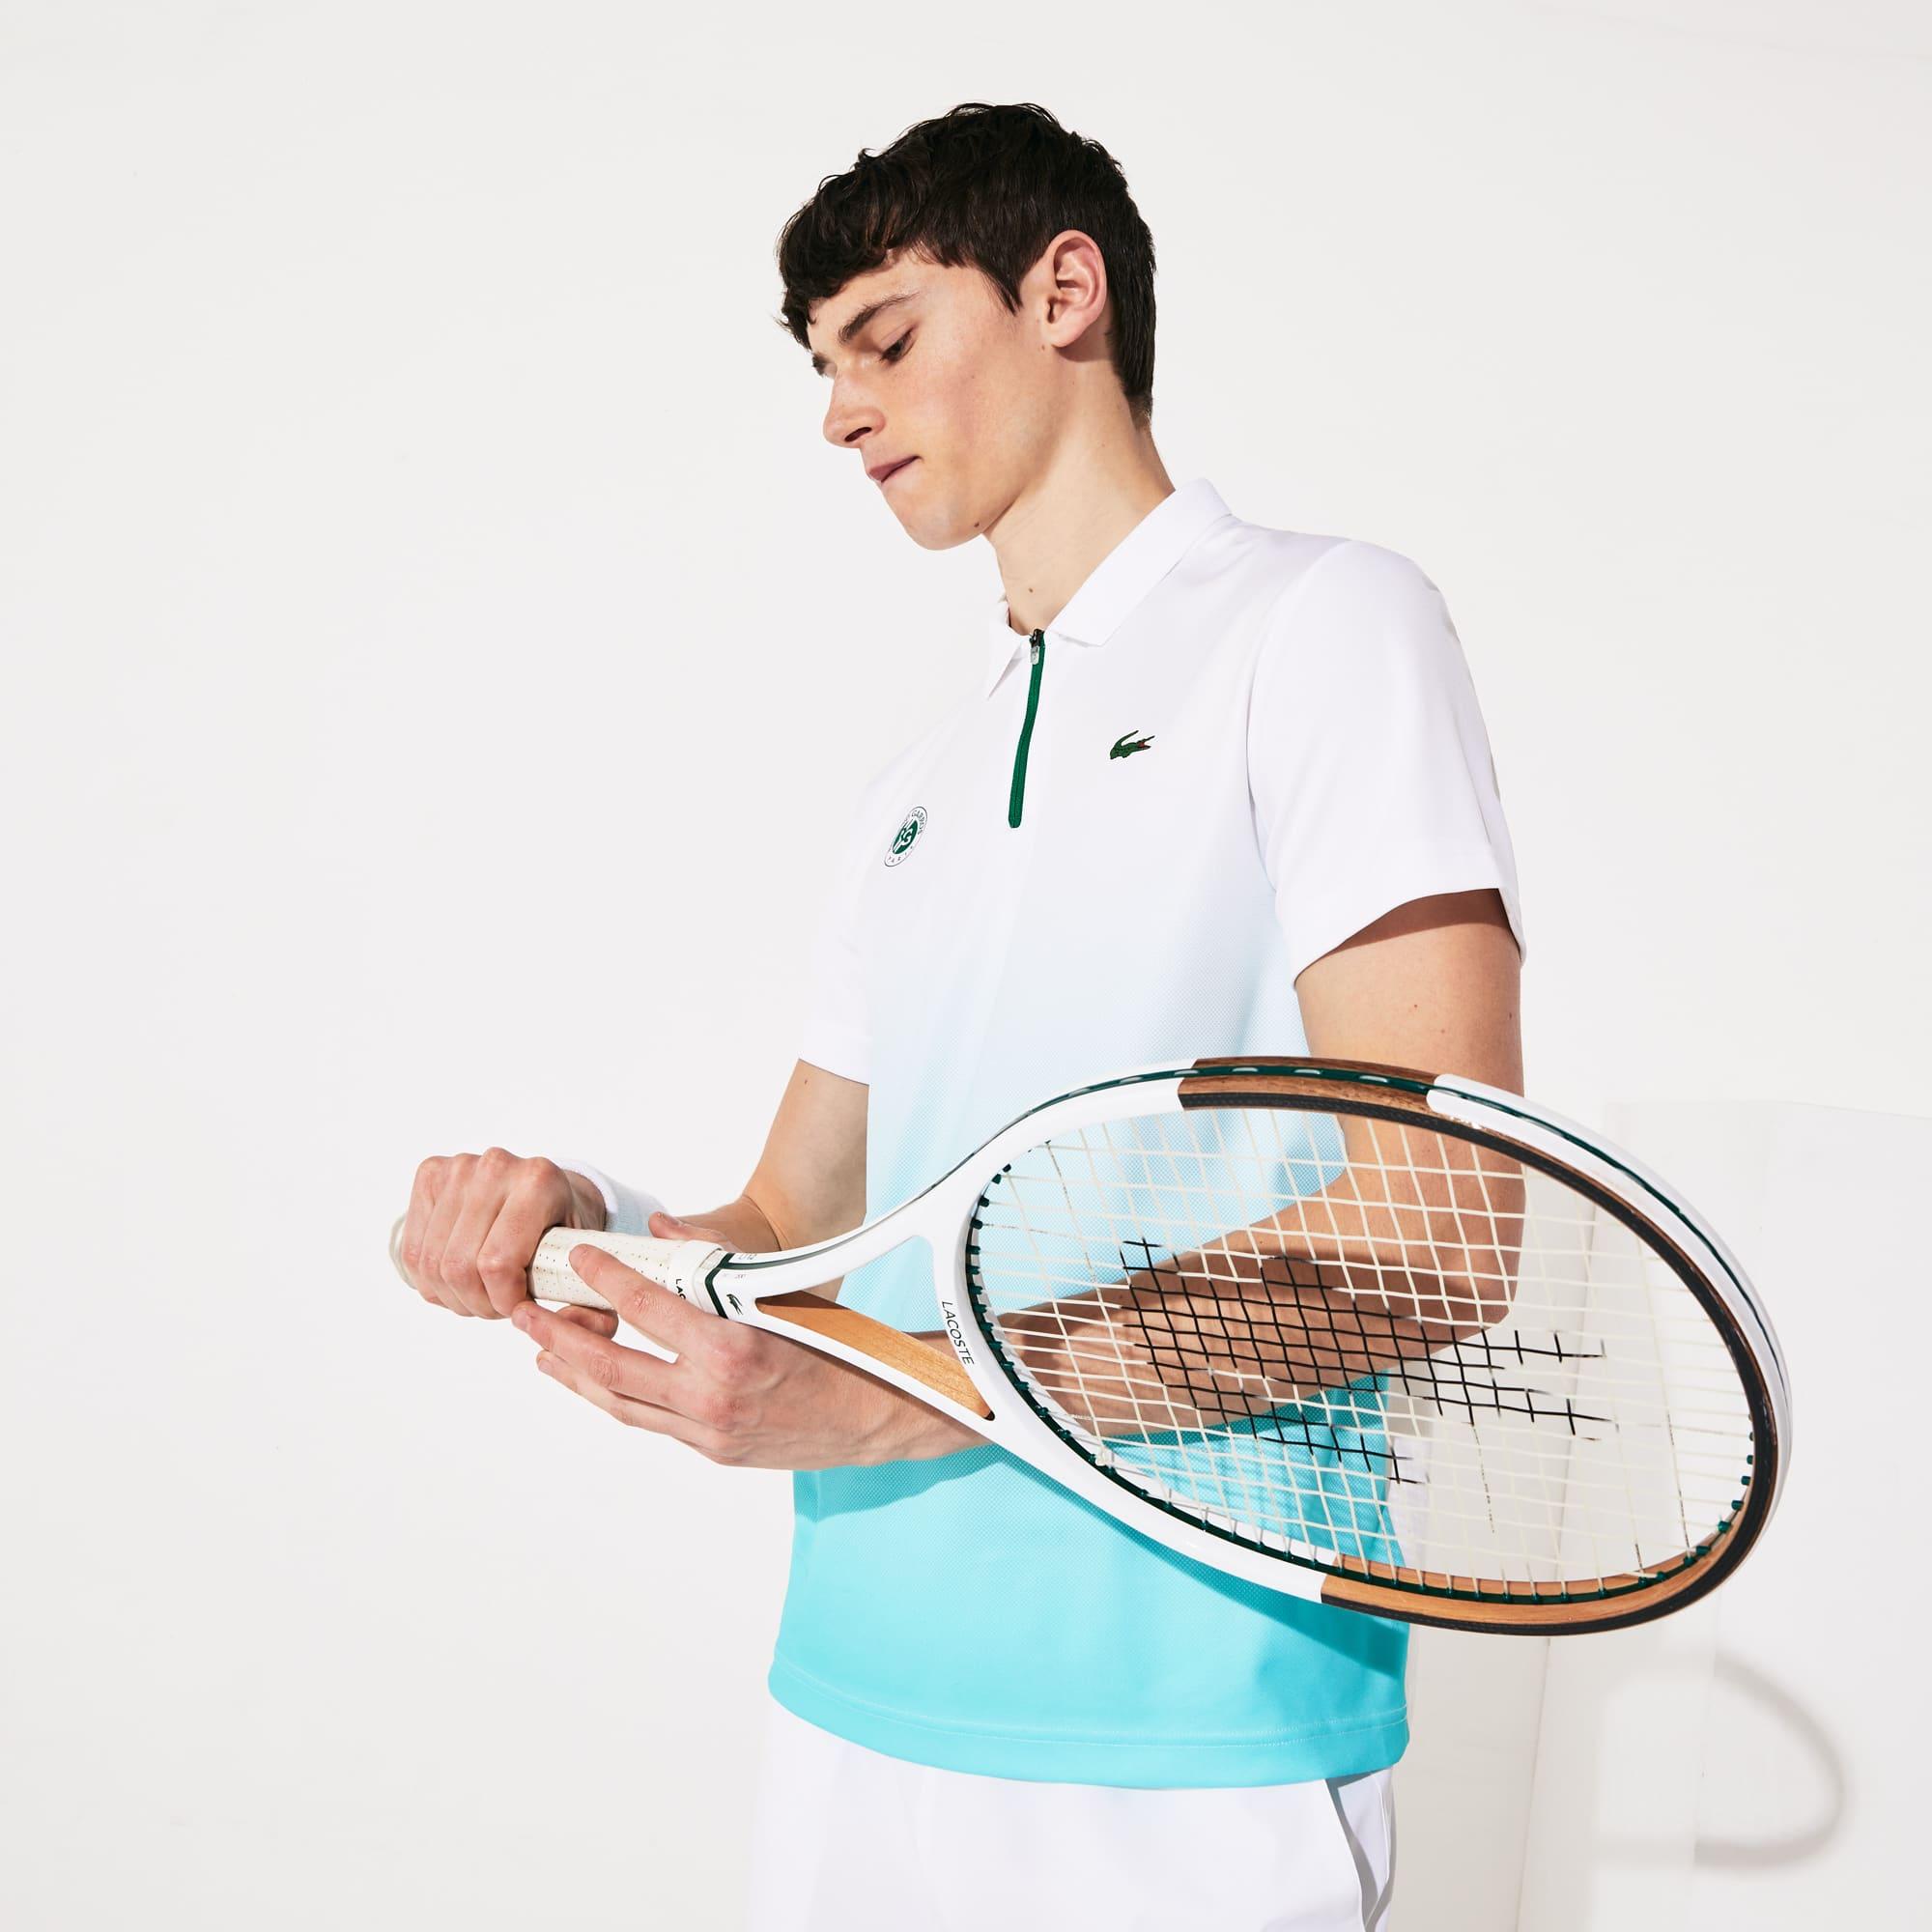 라코스테 스포츠 롤랑가로스 노박 조코비치 폴로셔츠 Lacoste Mens SPORT Roland Garros Zip-Front Performance Polo Shirt